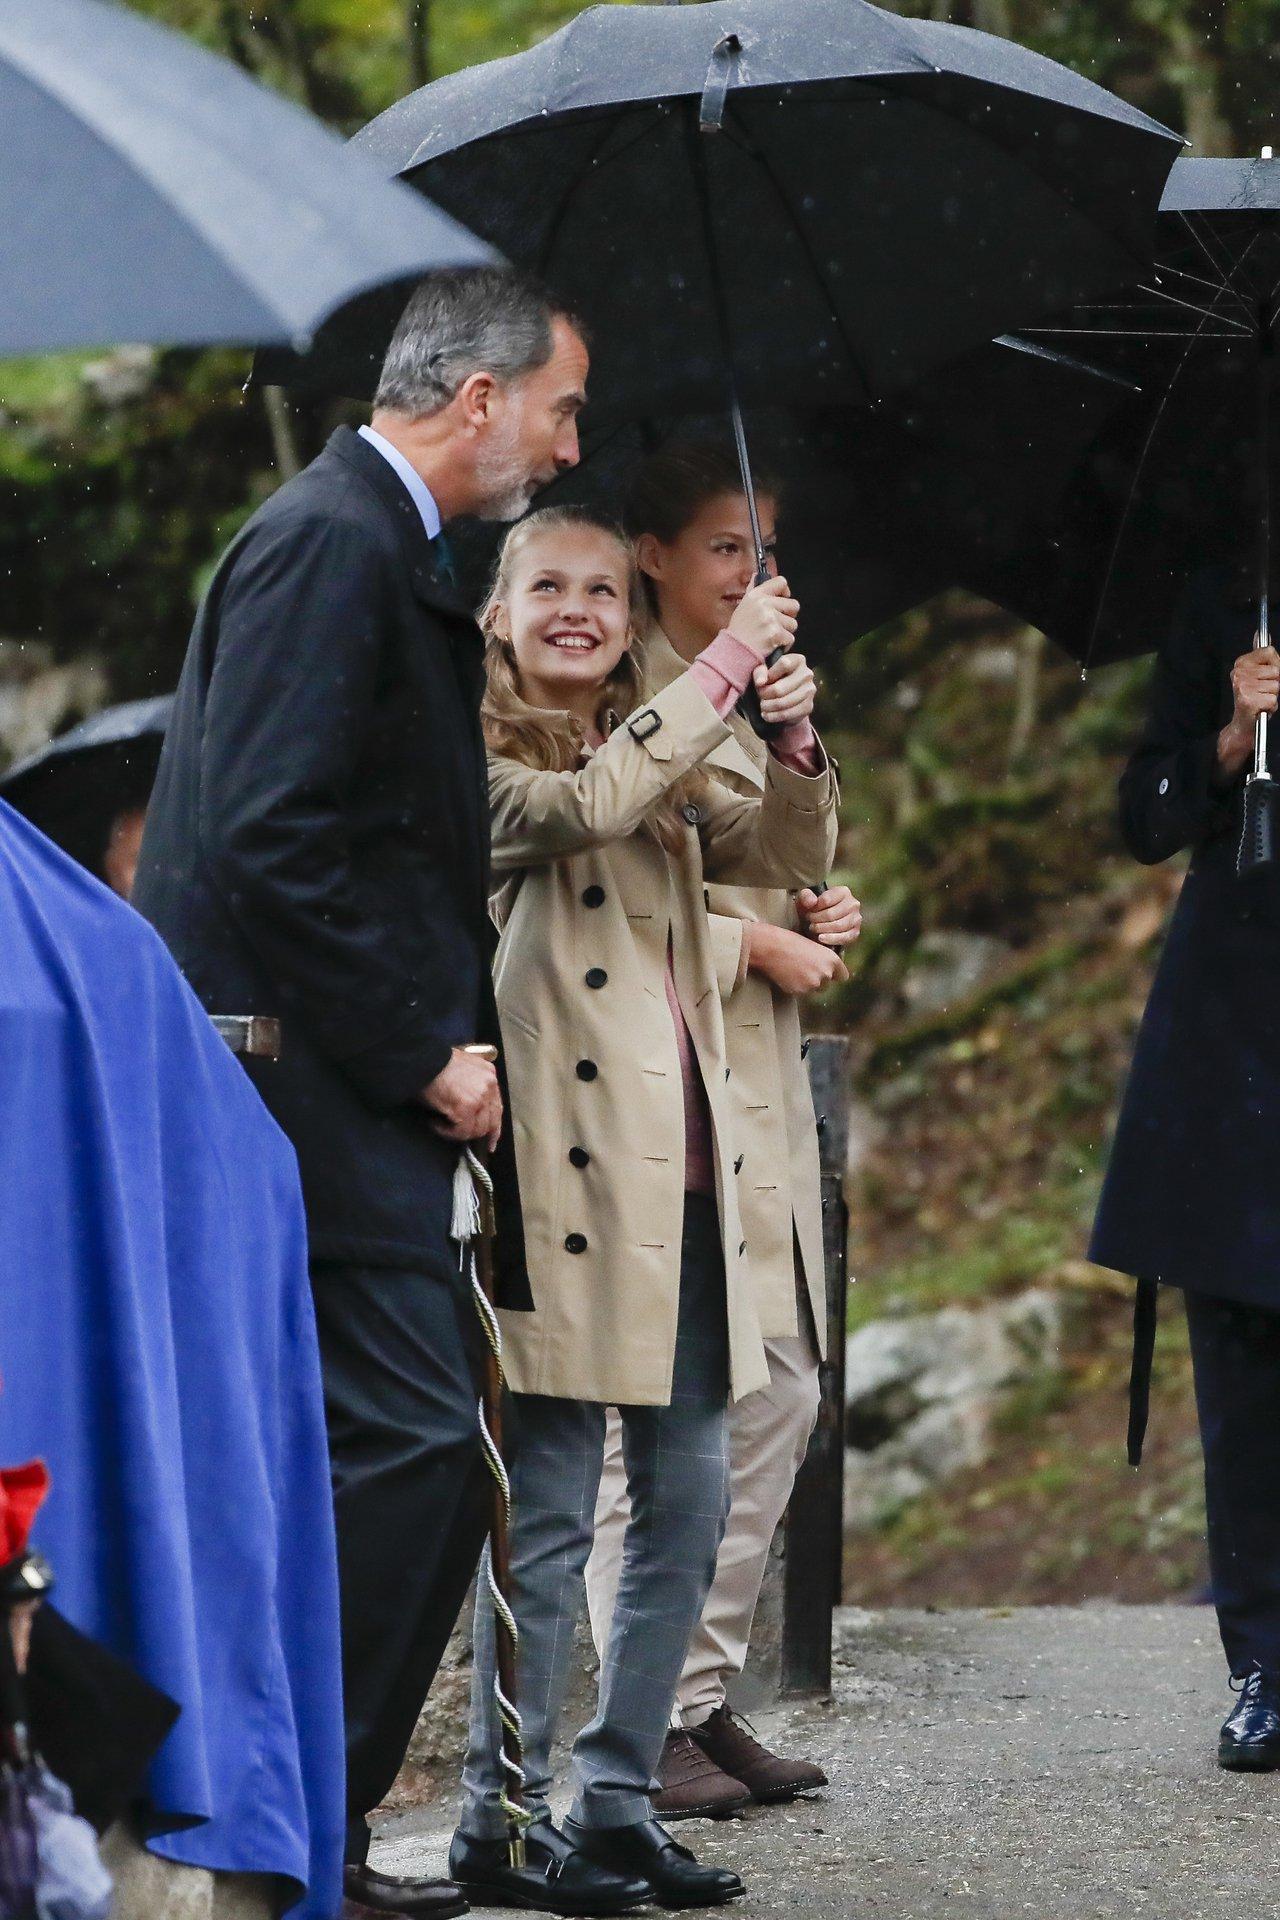 近日,西班牙王室出訪,除了費利佩國王(King Felipe)與蕾蒂希亞王后(Q...